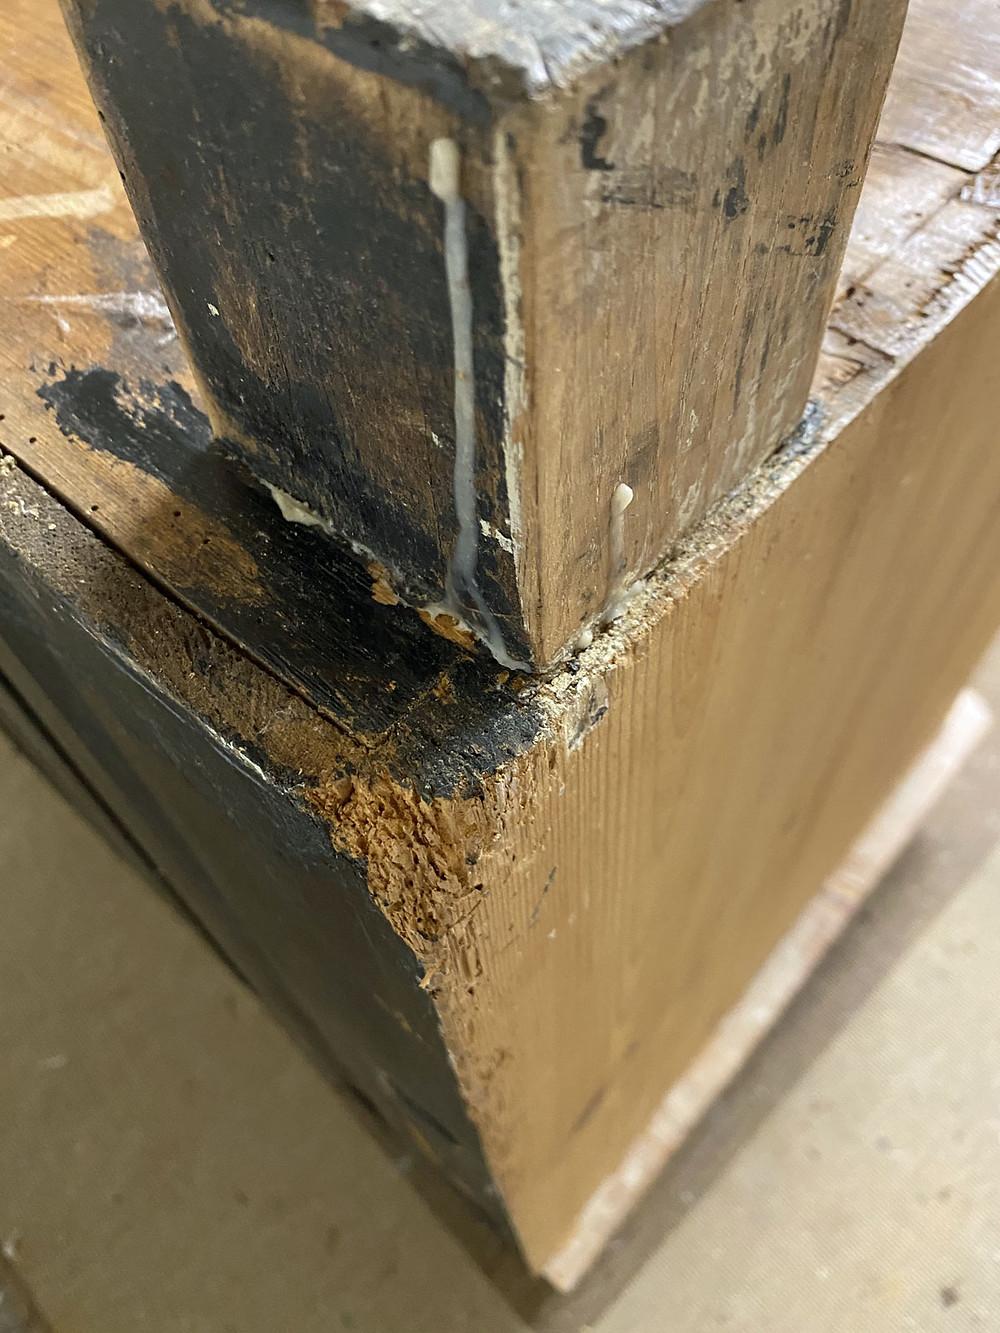 Möbel aufarbeiten Fuß reparieren